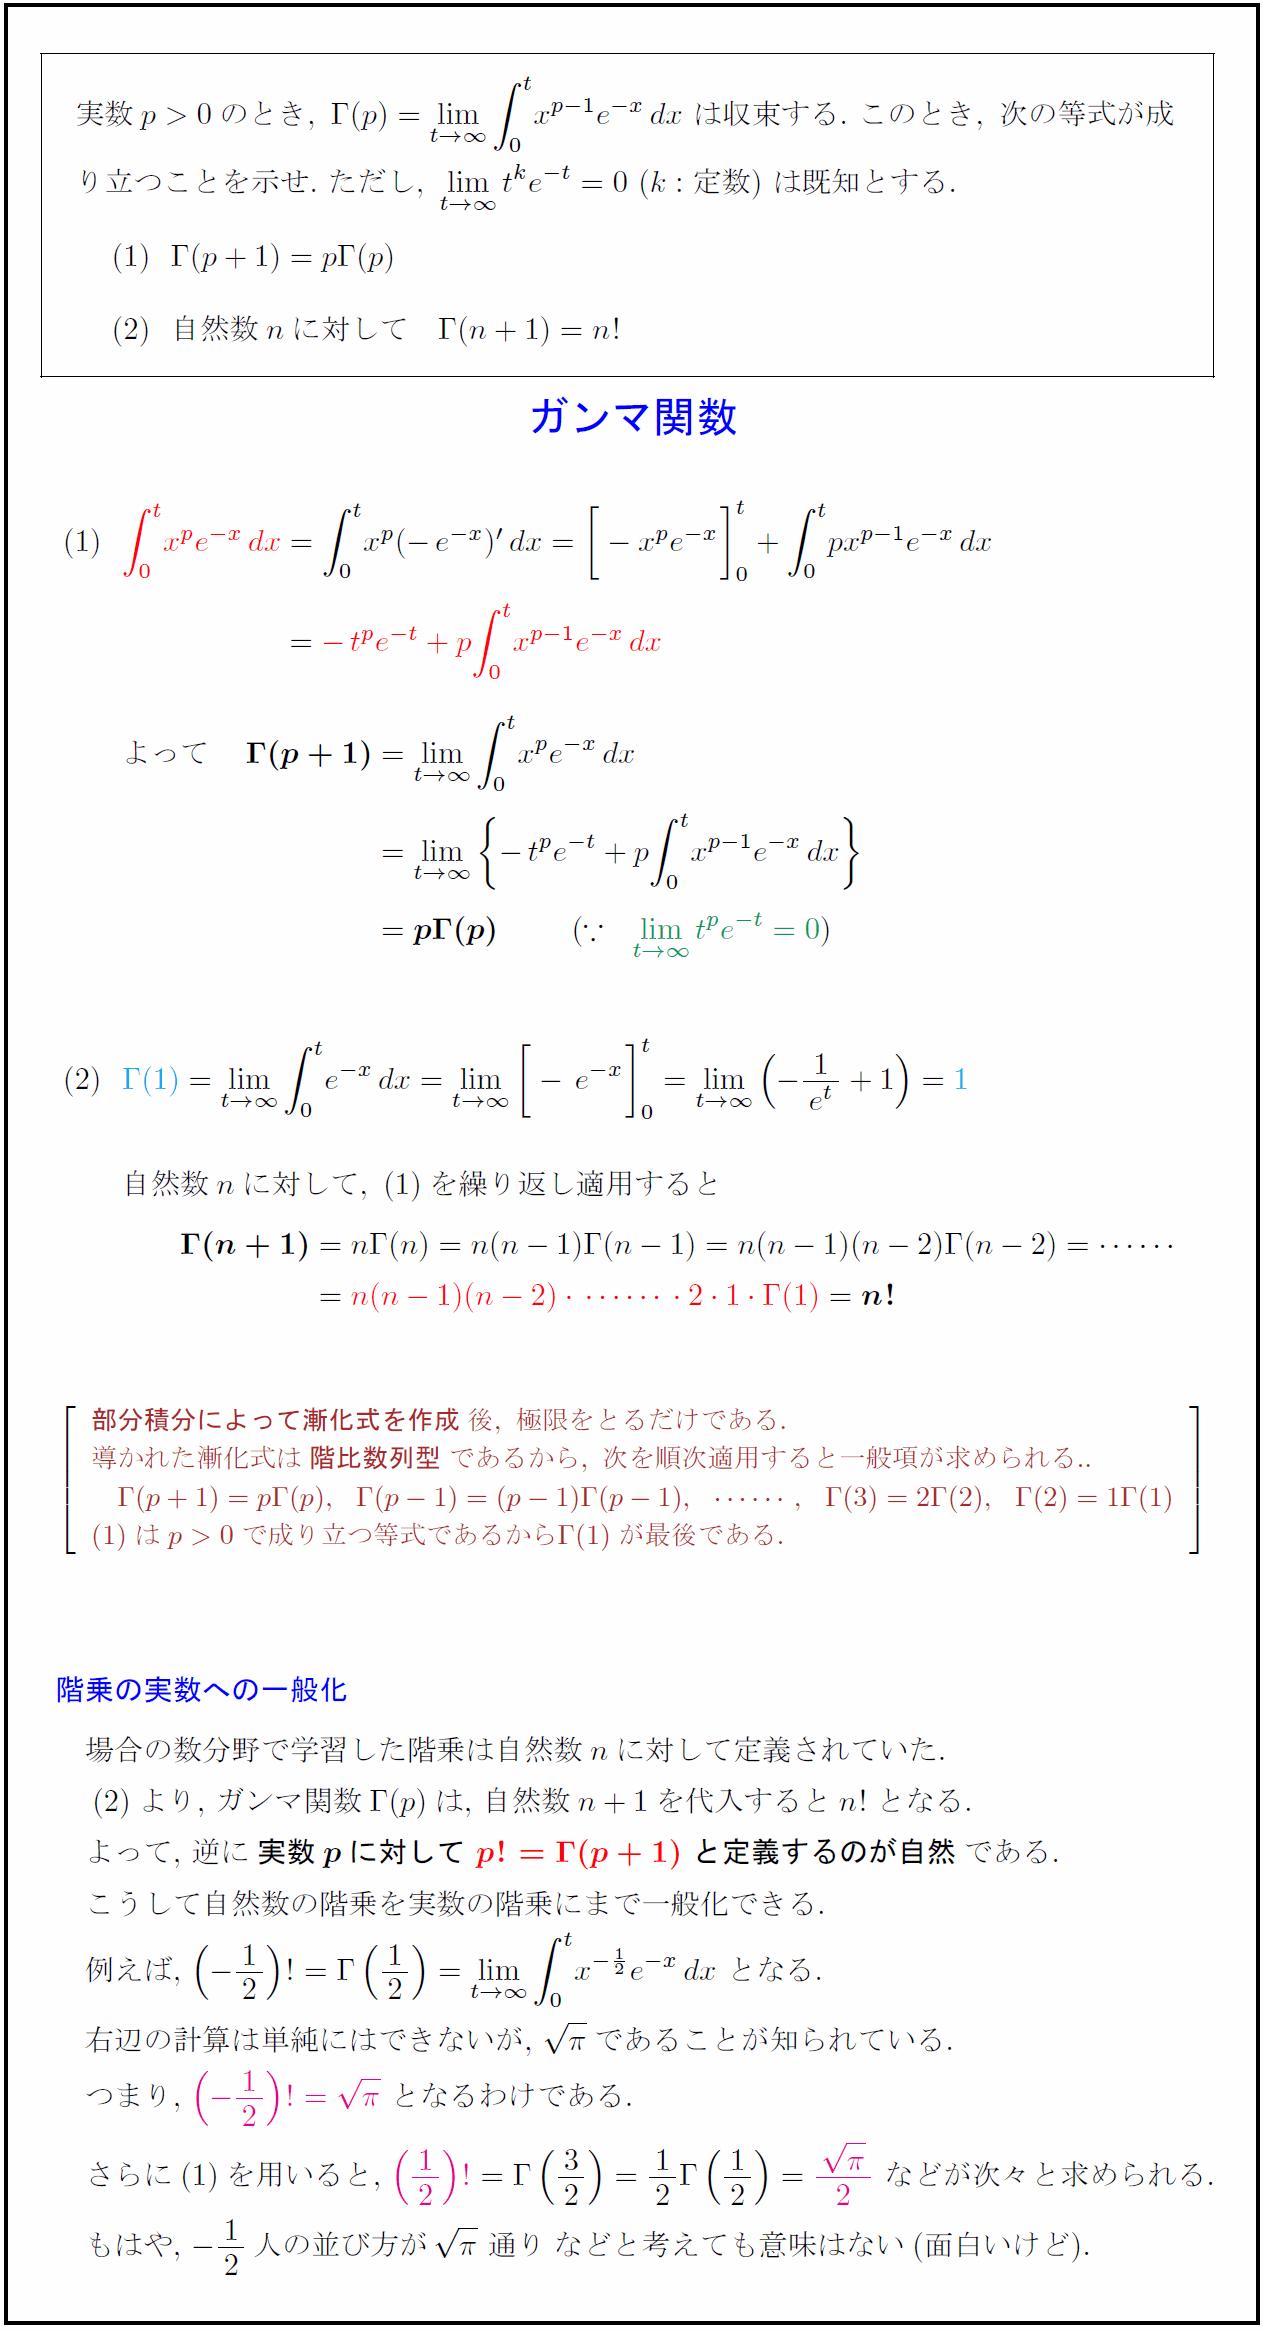 積分漸化式の応用④ ガンマ関数(...